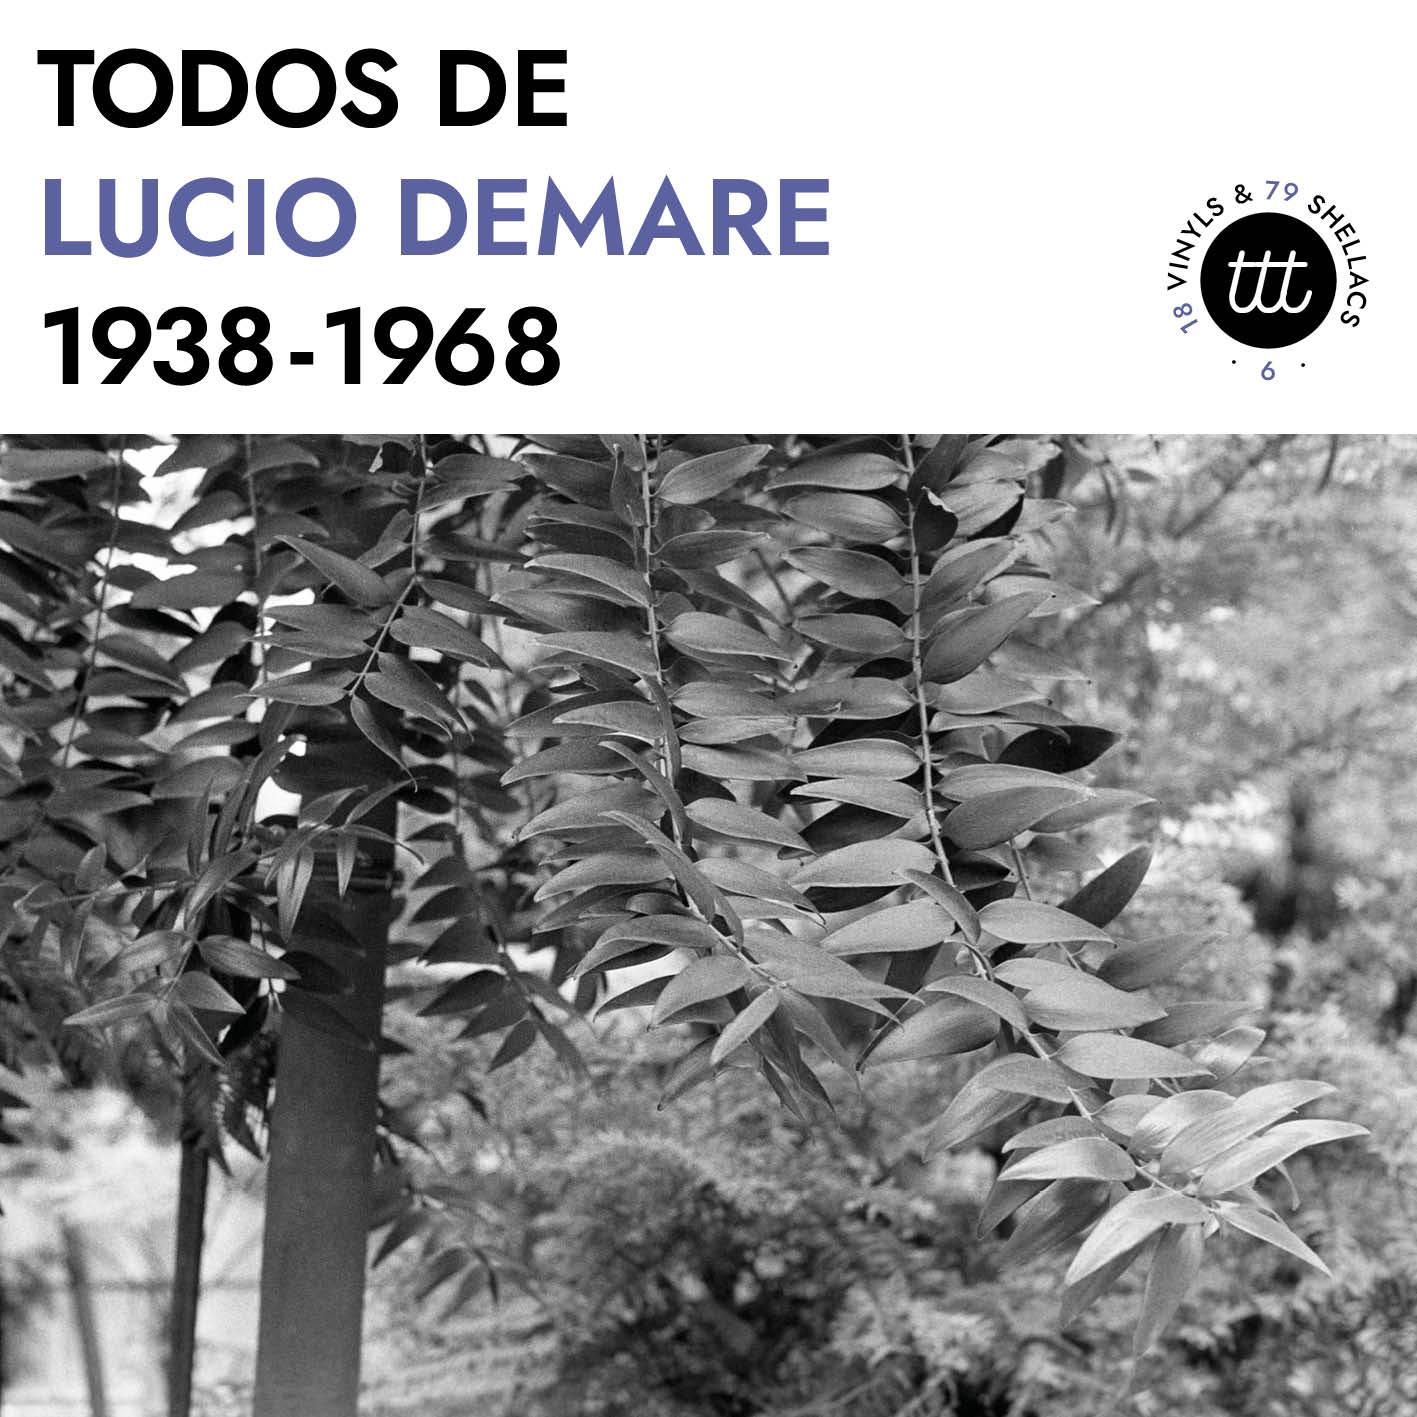 Lucio Demare all recordings from 1938-1968